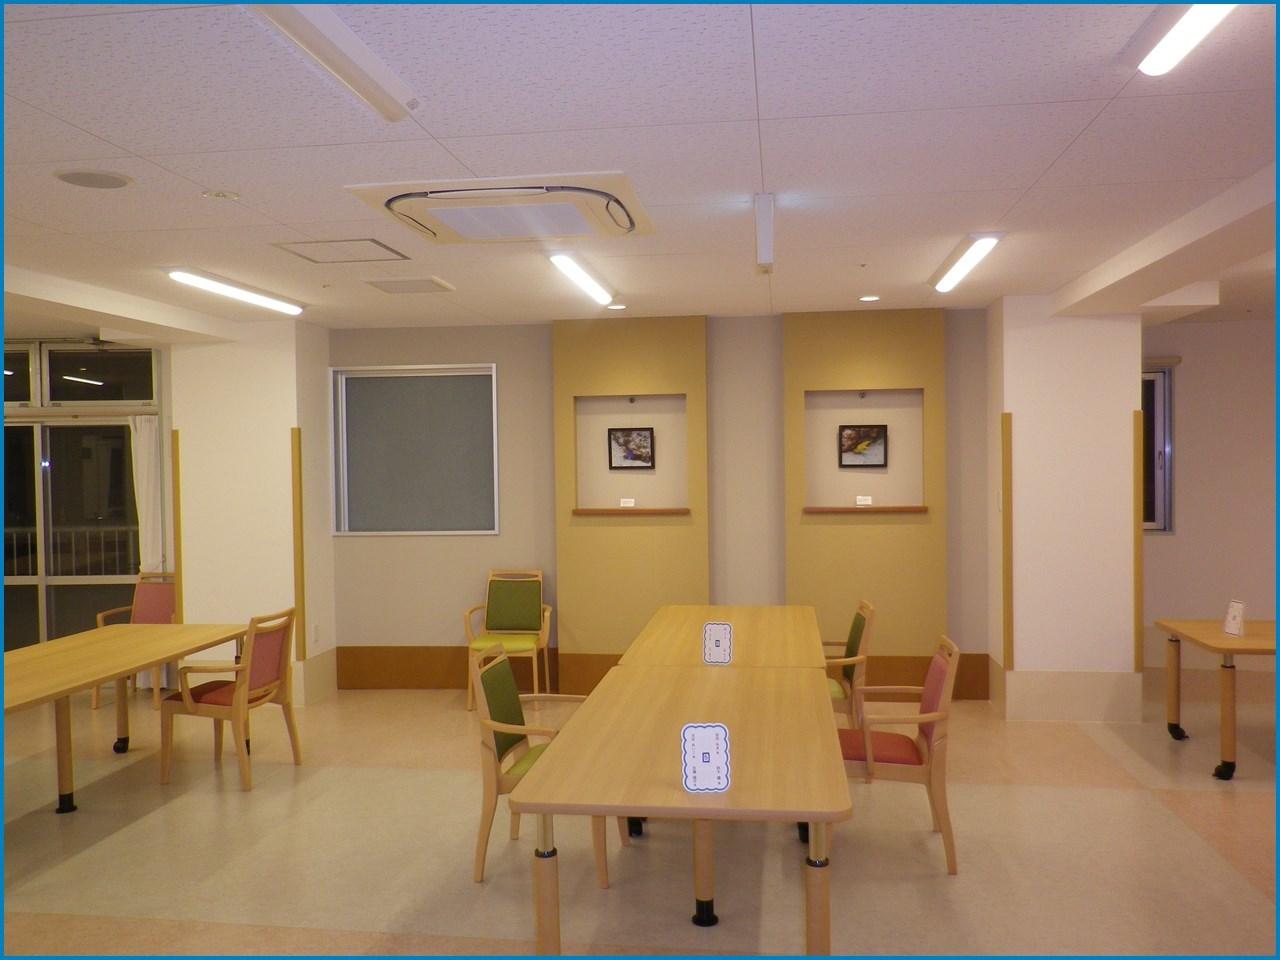 N病院グループ N.W.介護老人保健施設 改修・増築工事 1_c0376508_13110839.jpg